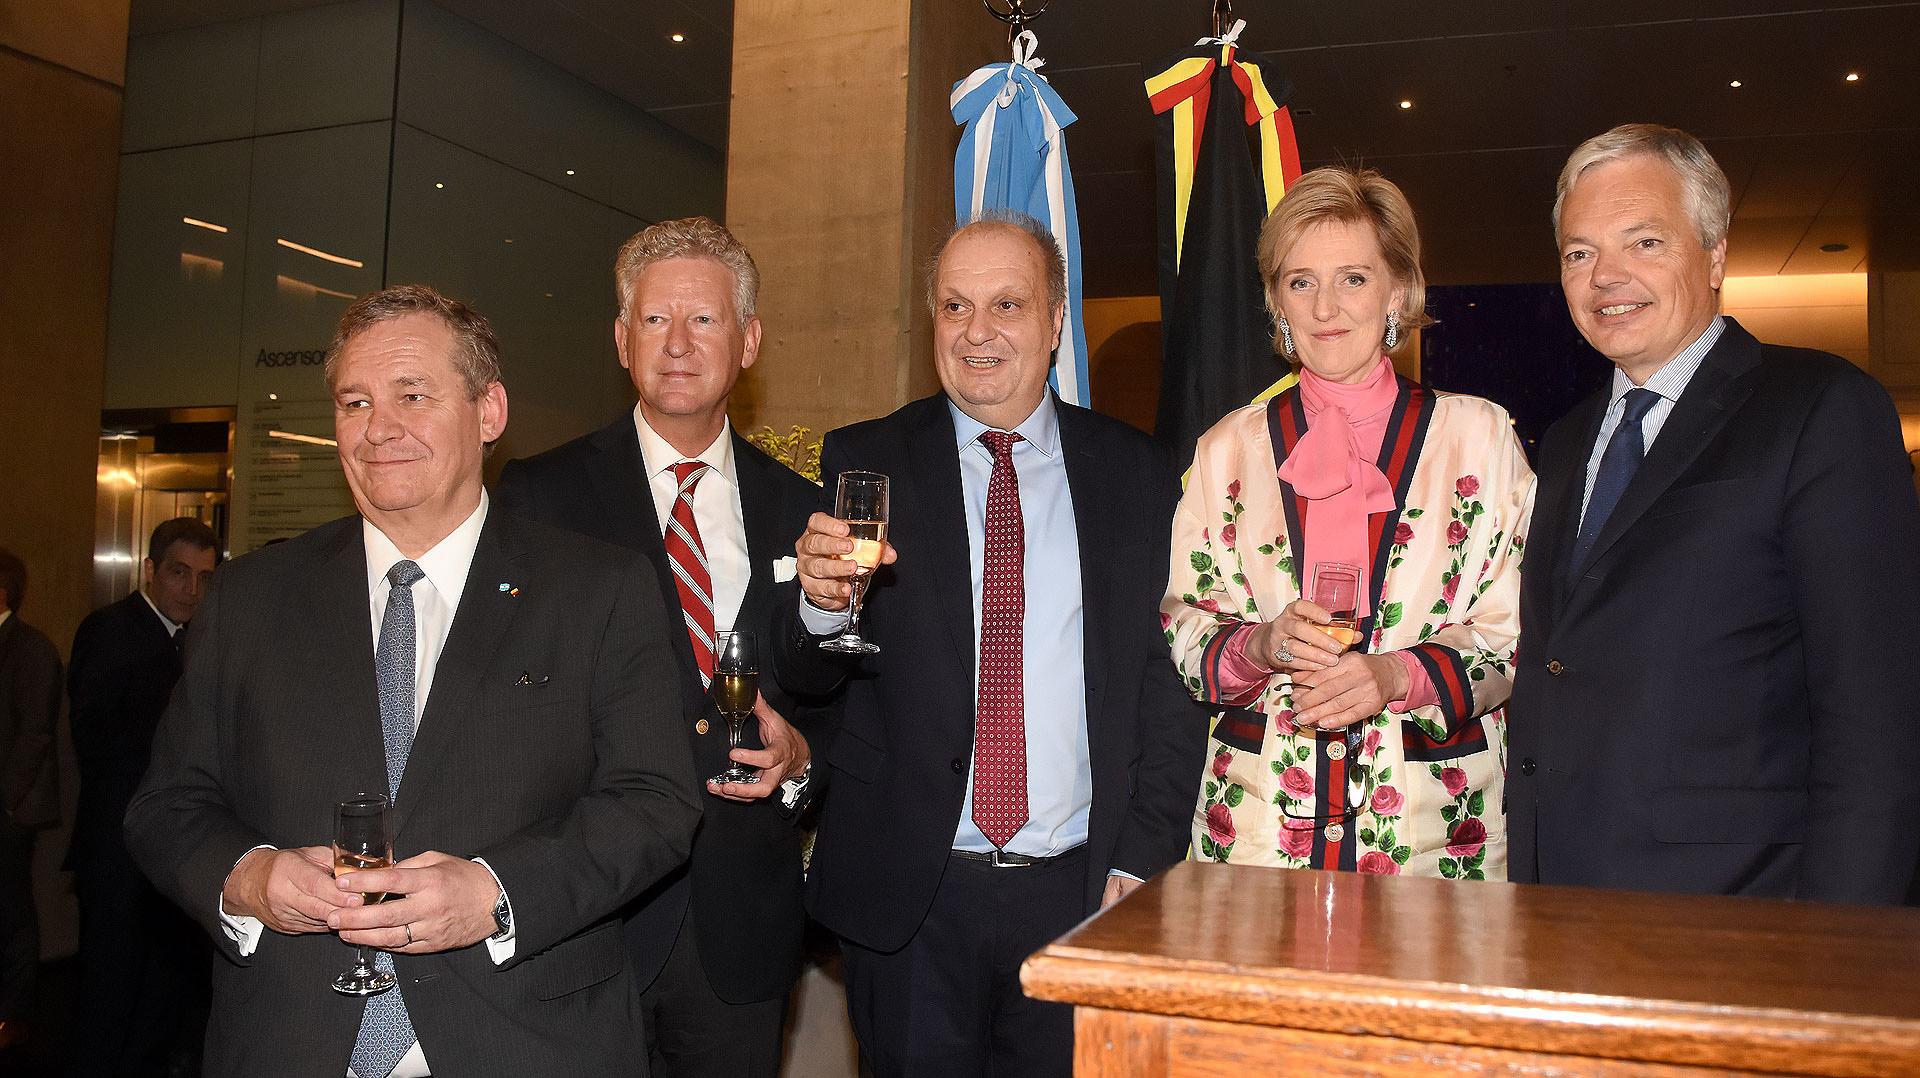 El embajador belga, Peter Maddens; el secretario de Estado Federal para el Comercio Exterior, Pieter de Crem; Hernán Lombardi; la princesa Astrid de Bélgica; y Didier Reynders, primer viceministro Federal y ministro de Relaciones Exteriores y Asuntos Europeos